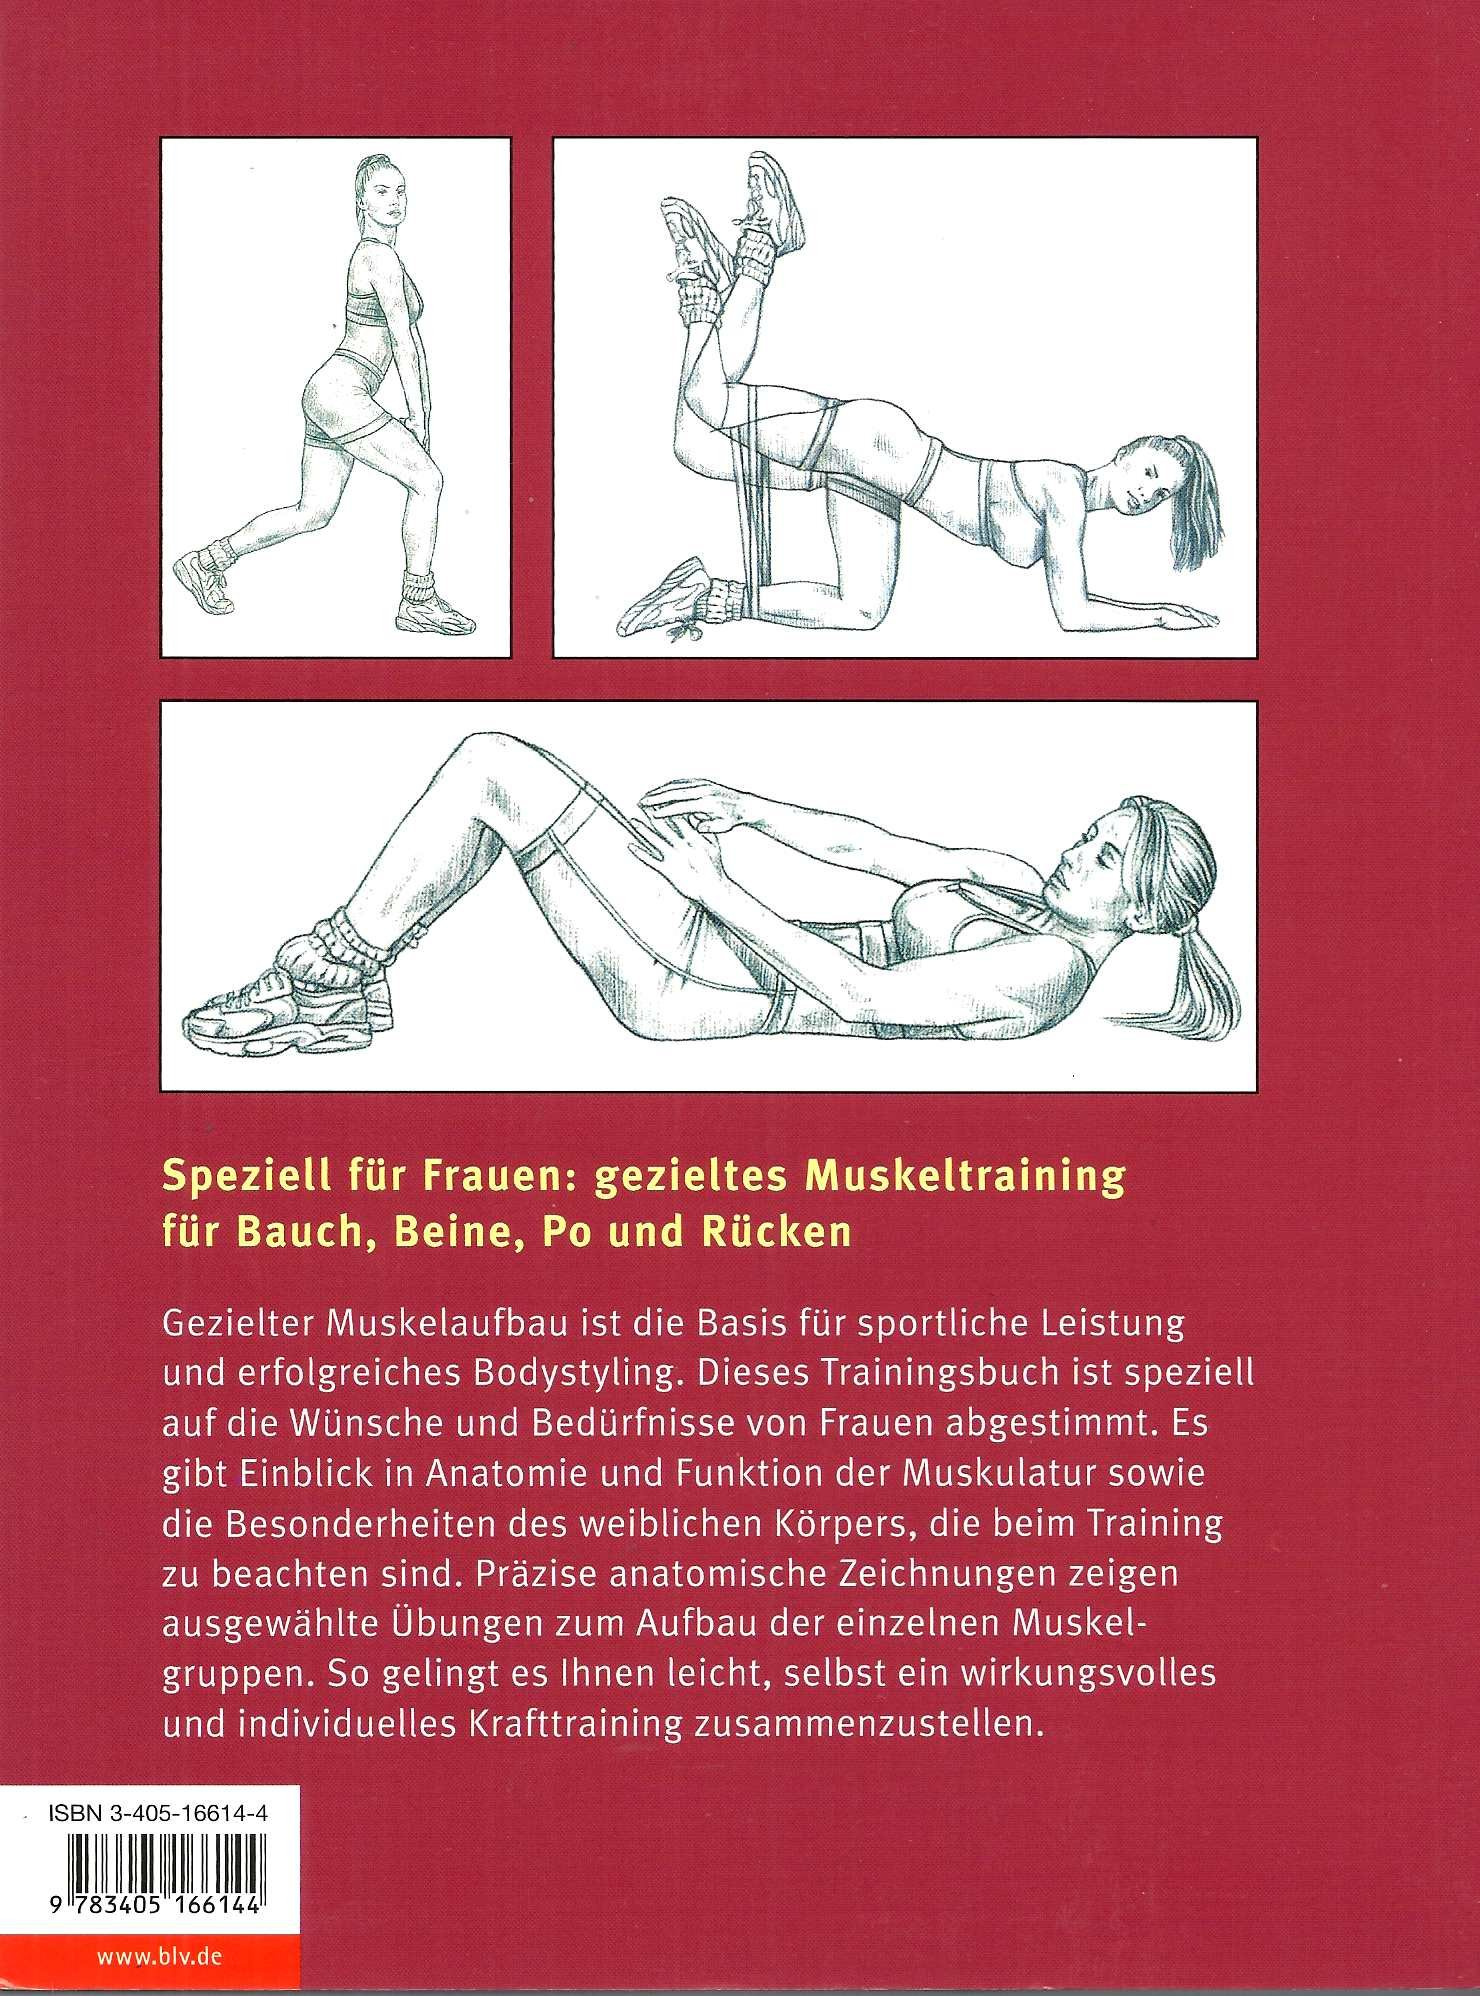 Muskel-Guide speziell für Frauen. Gezieltes Training. Anatomie ...